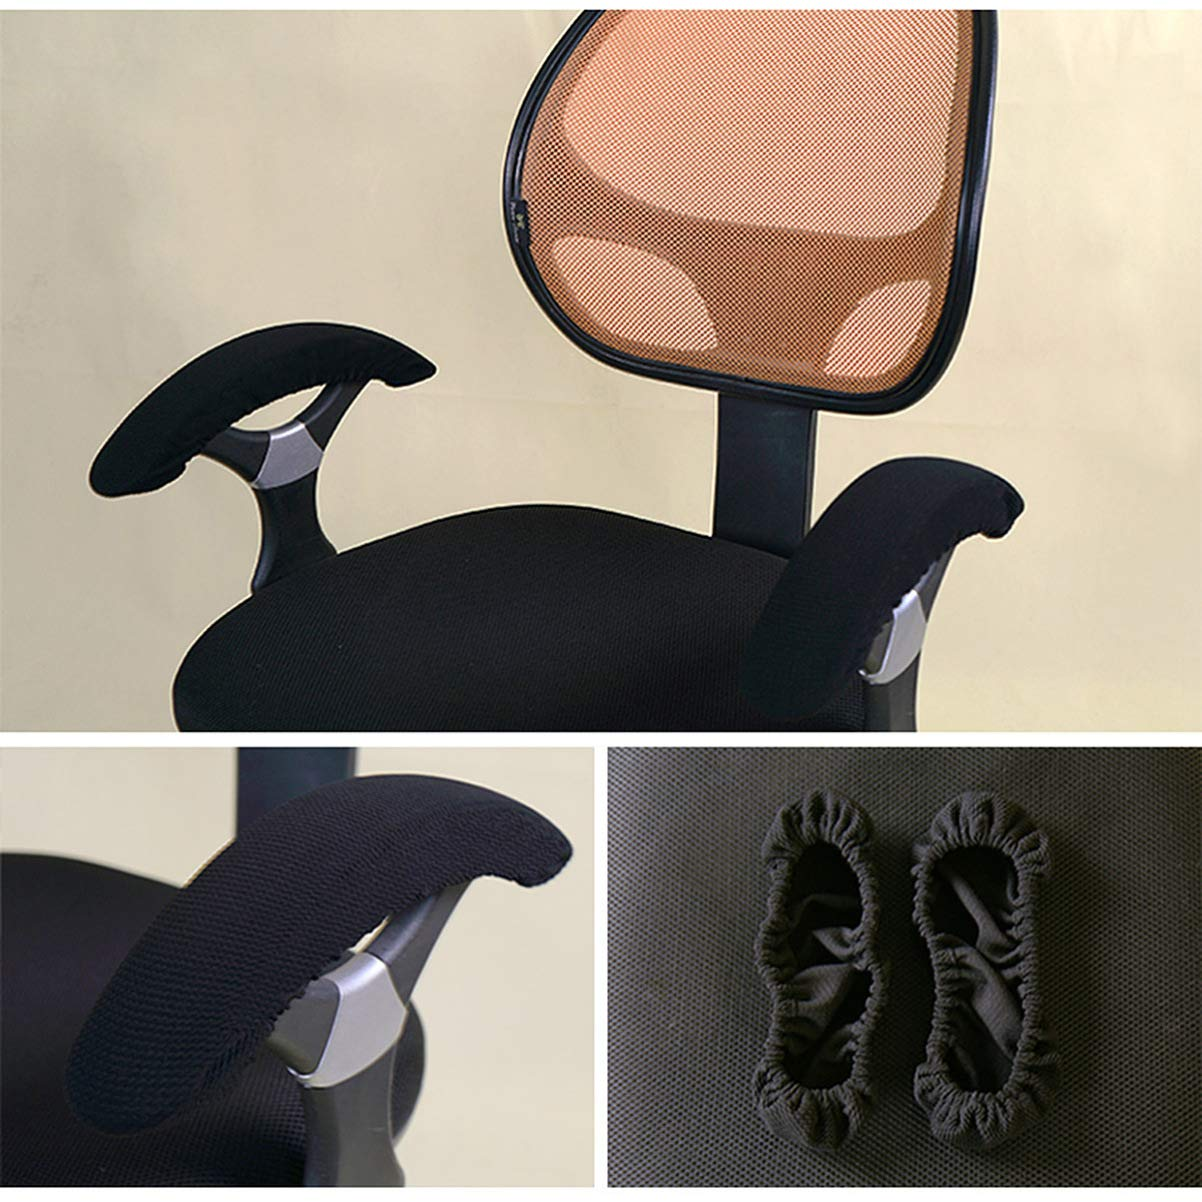 Nero IMIKEYA Fodere per braccioli per Sedia da Ufficio Fodere per braccioli Fodere per Proteggi braccioli per Sedia da Computer addensate Maniche per braccioli per Sedia con Fascia Elastica